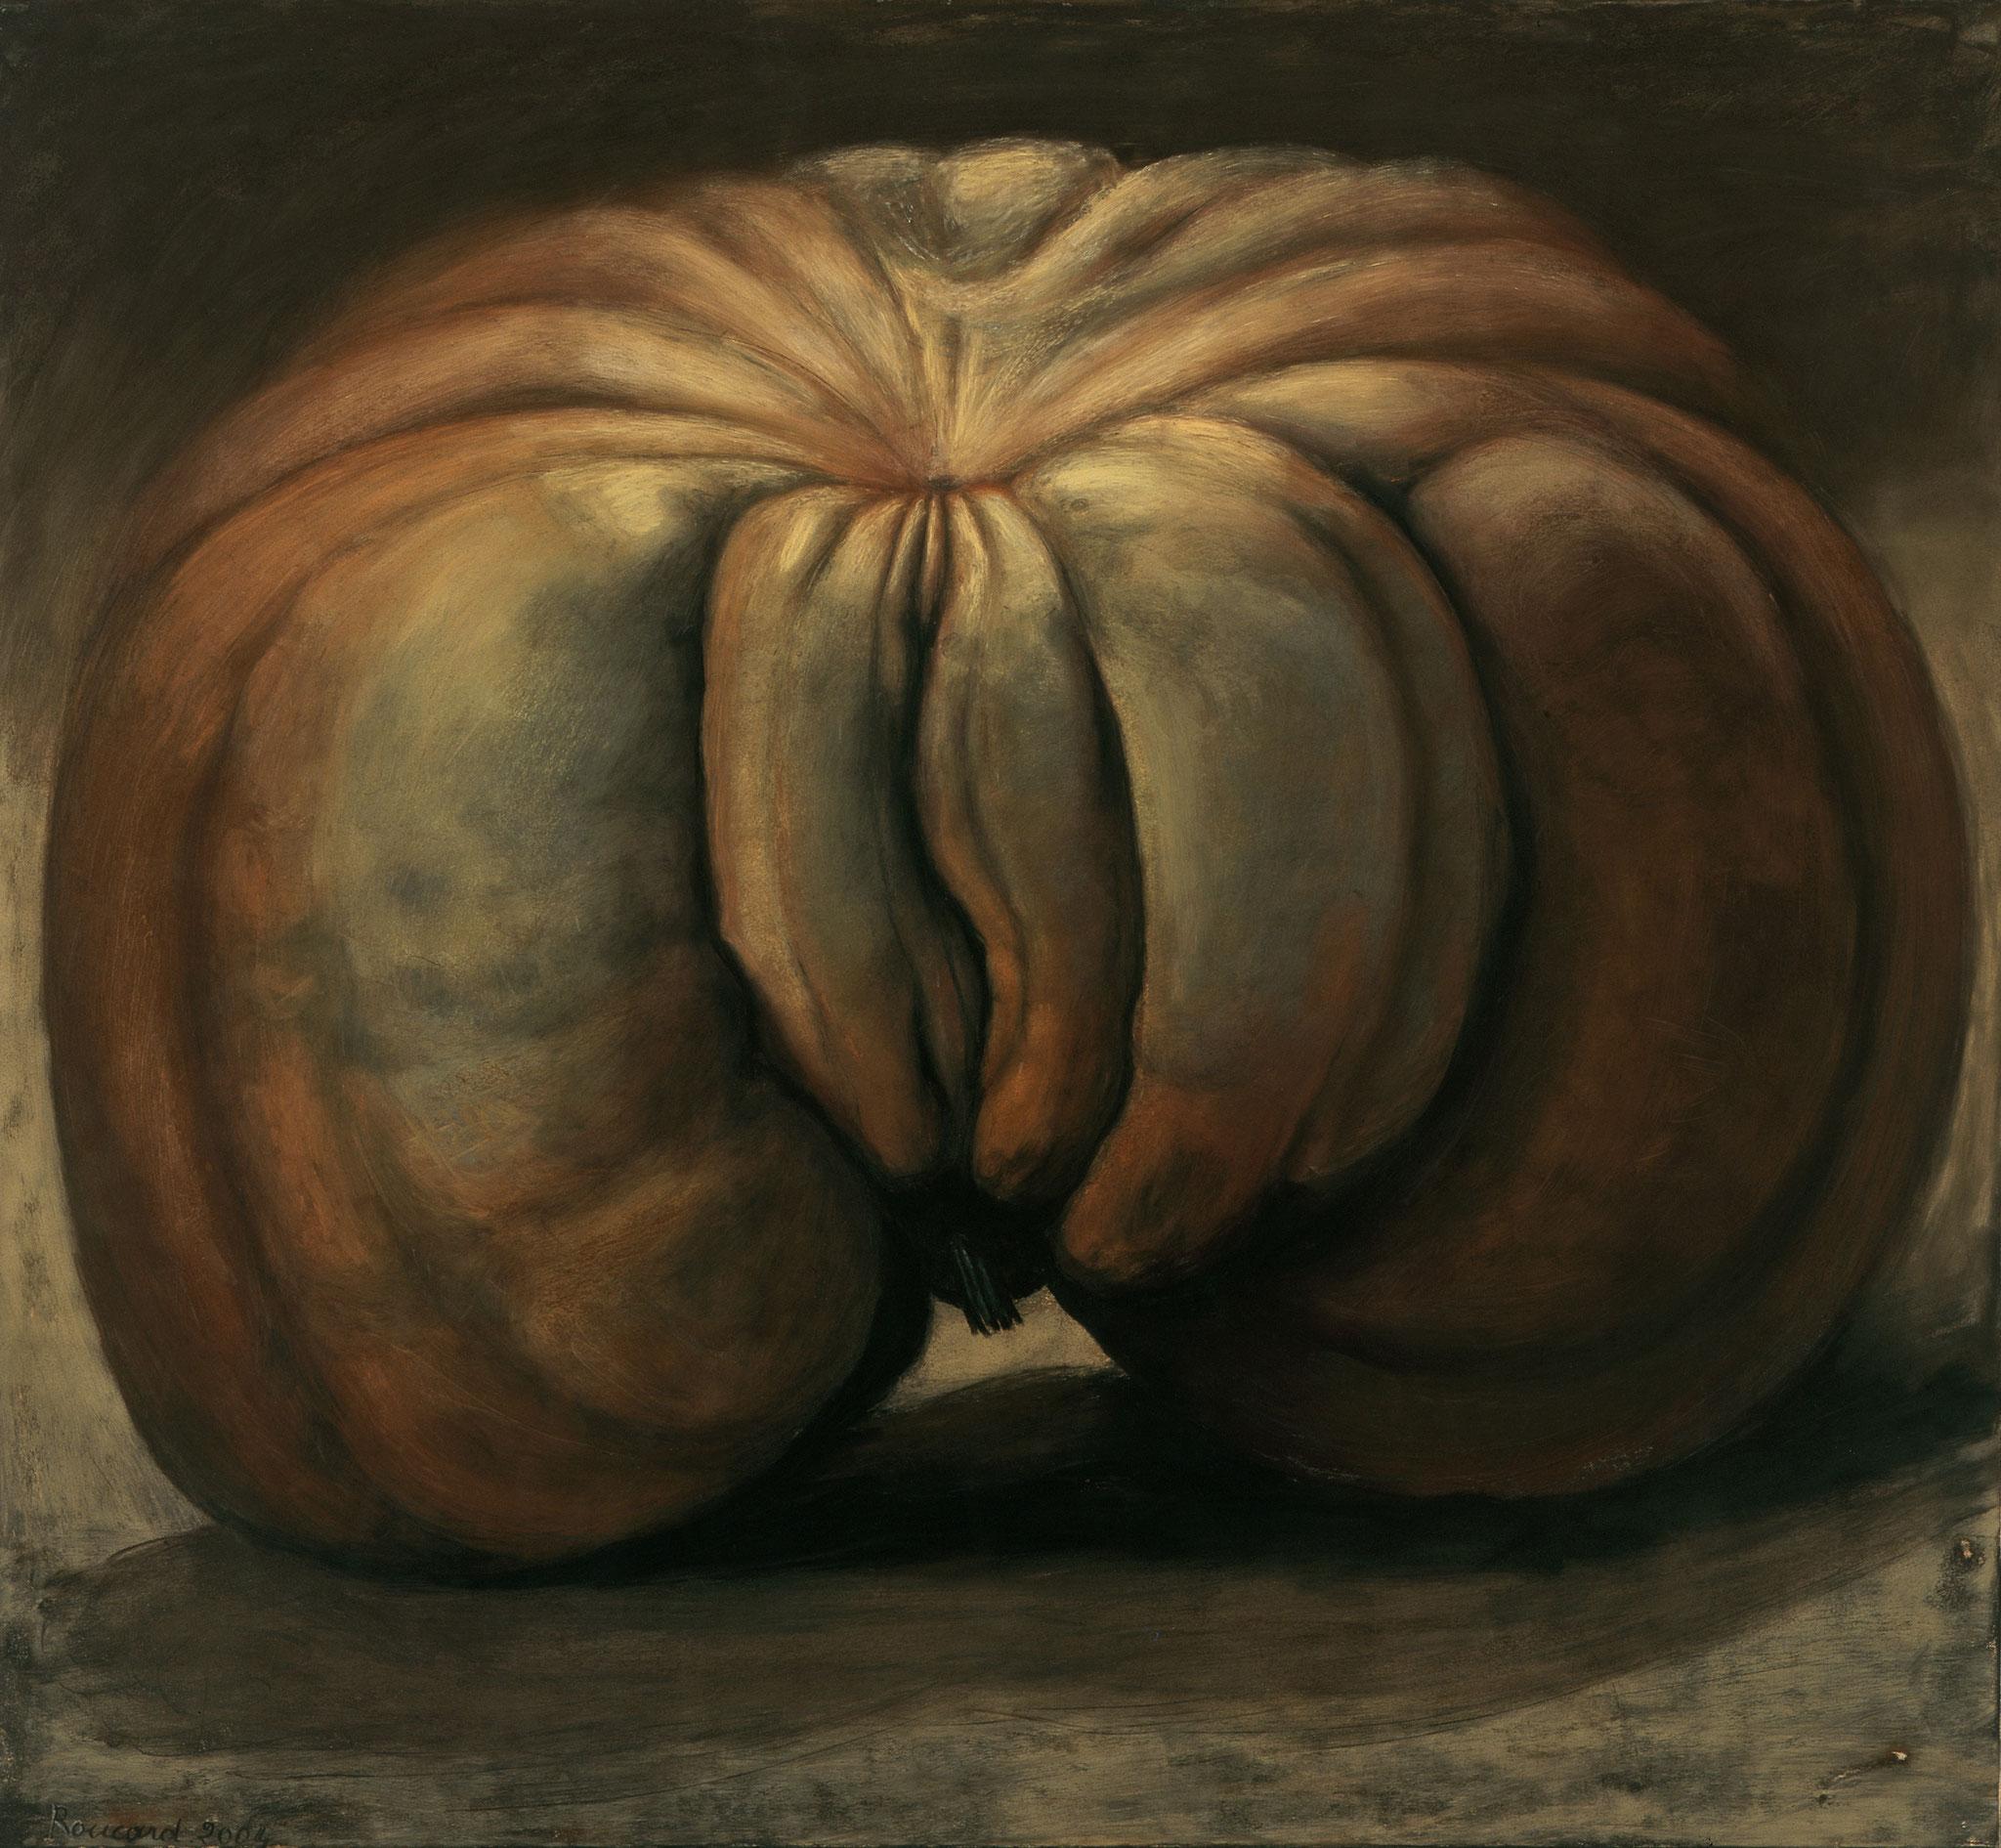 2003. 120 x 130 cm. Pastel sur toile marouflé sur toile.